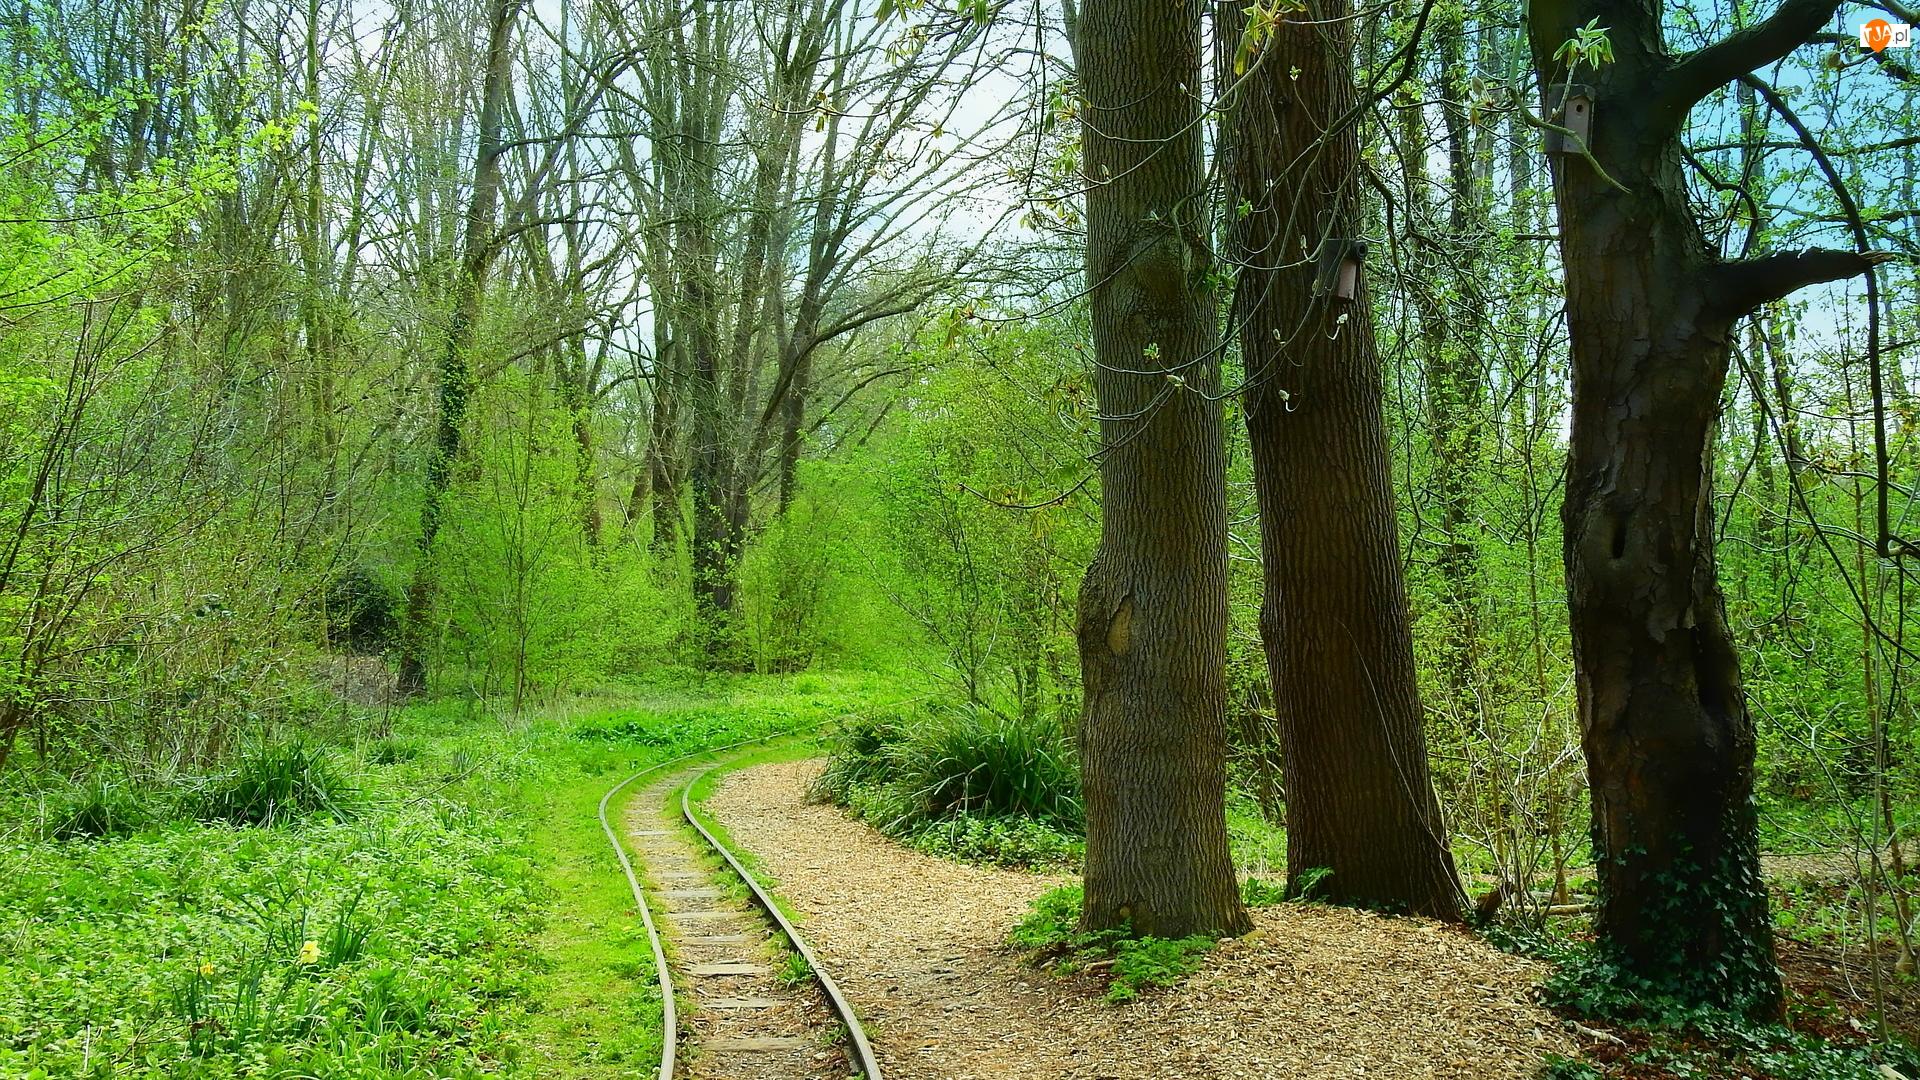 Las, Wiosna, Krzewy, Tory, Drzewa, Trawa